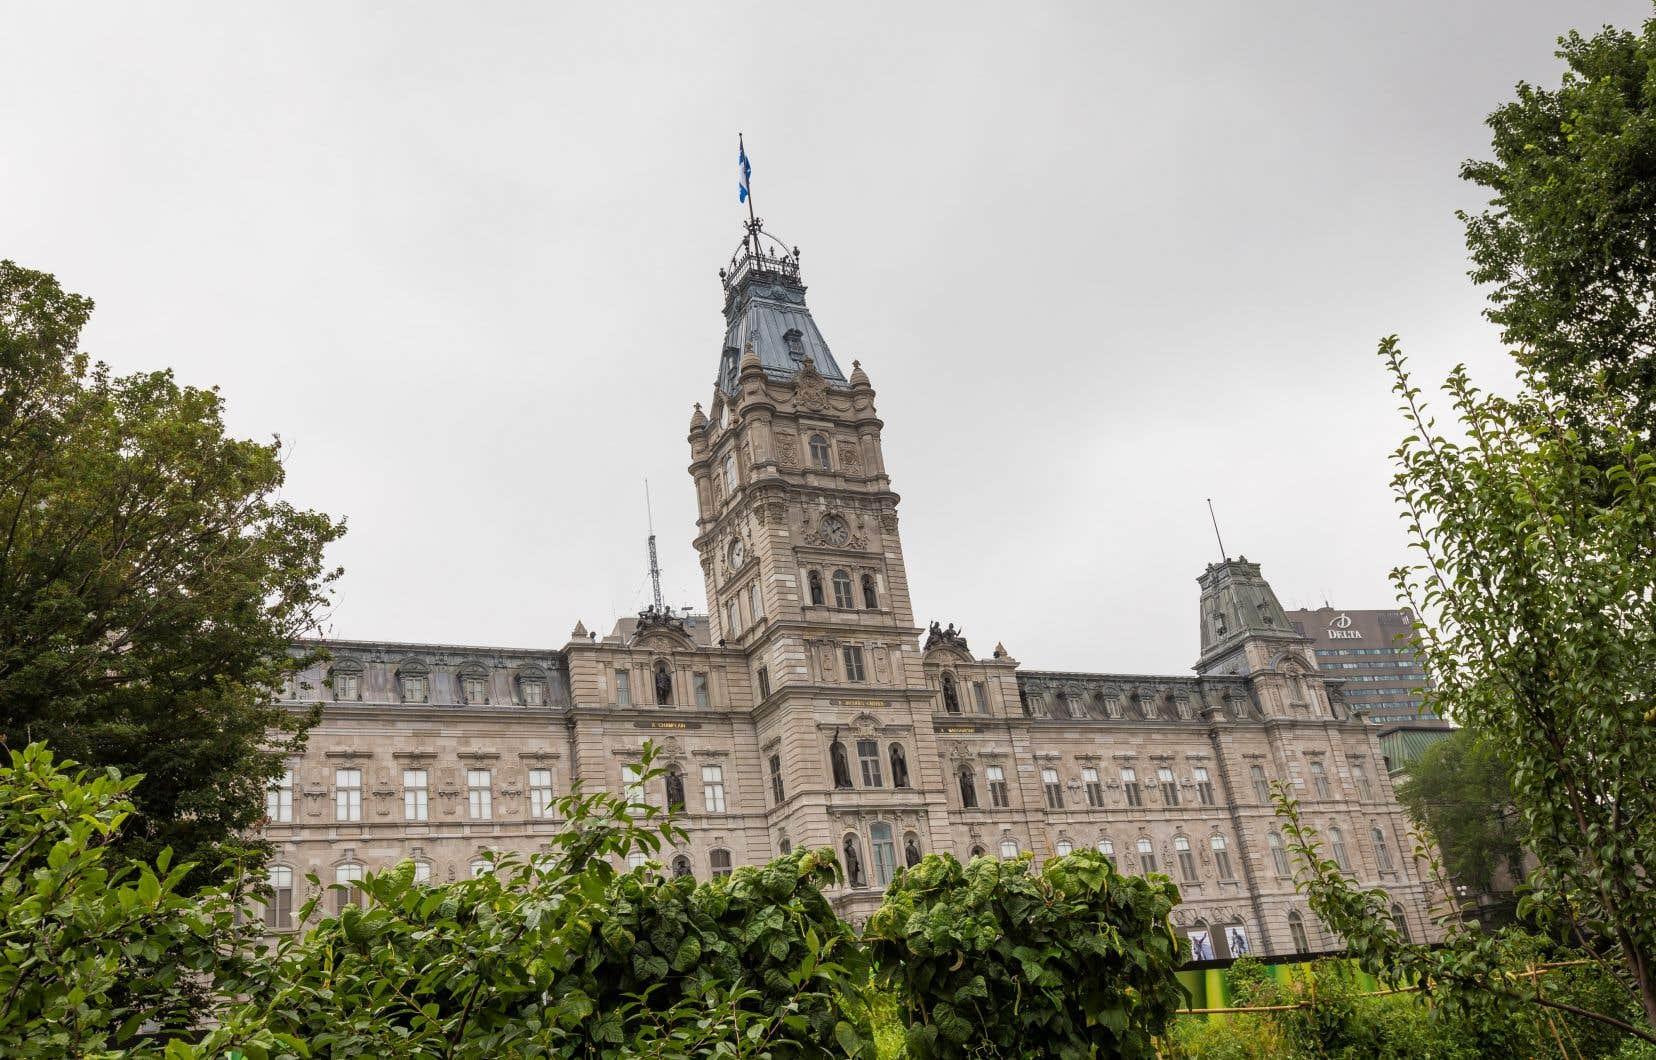 Tous les partis de l'Assemblée nationale se sont rassemblés derrière la motion présentée par le Parti québécois.